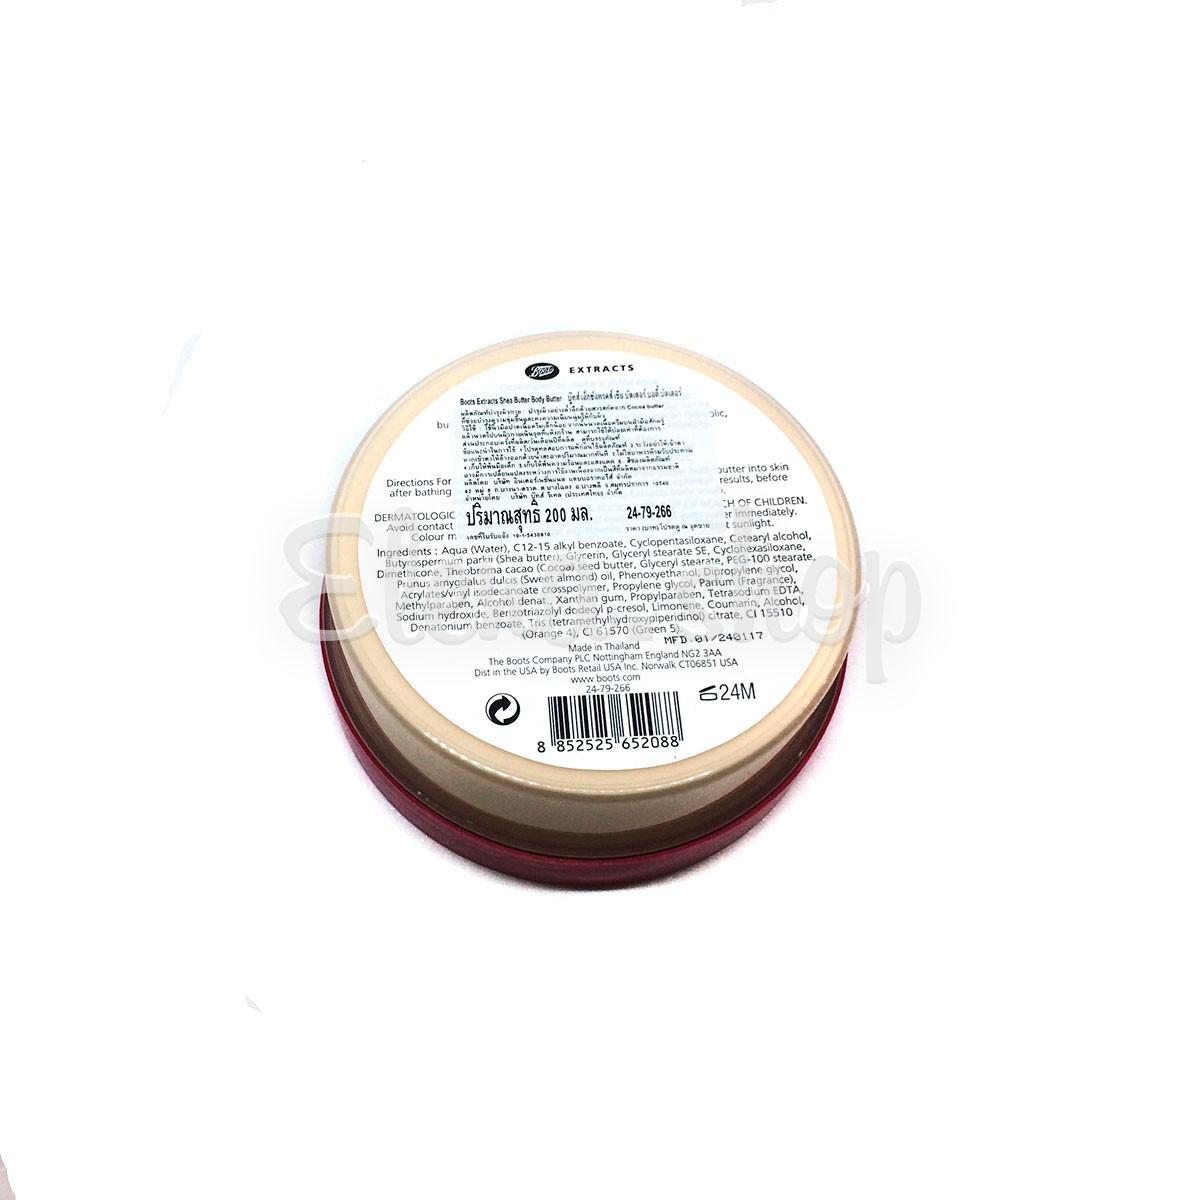 Крем-масло для тела с экстрактом Масла Ши от Boots